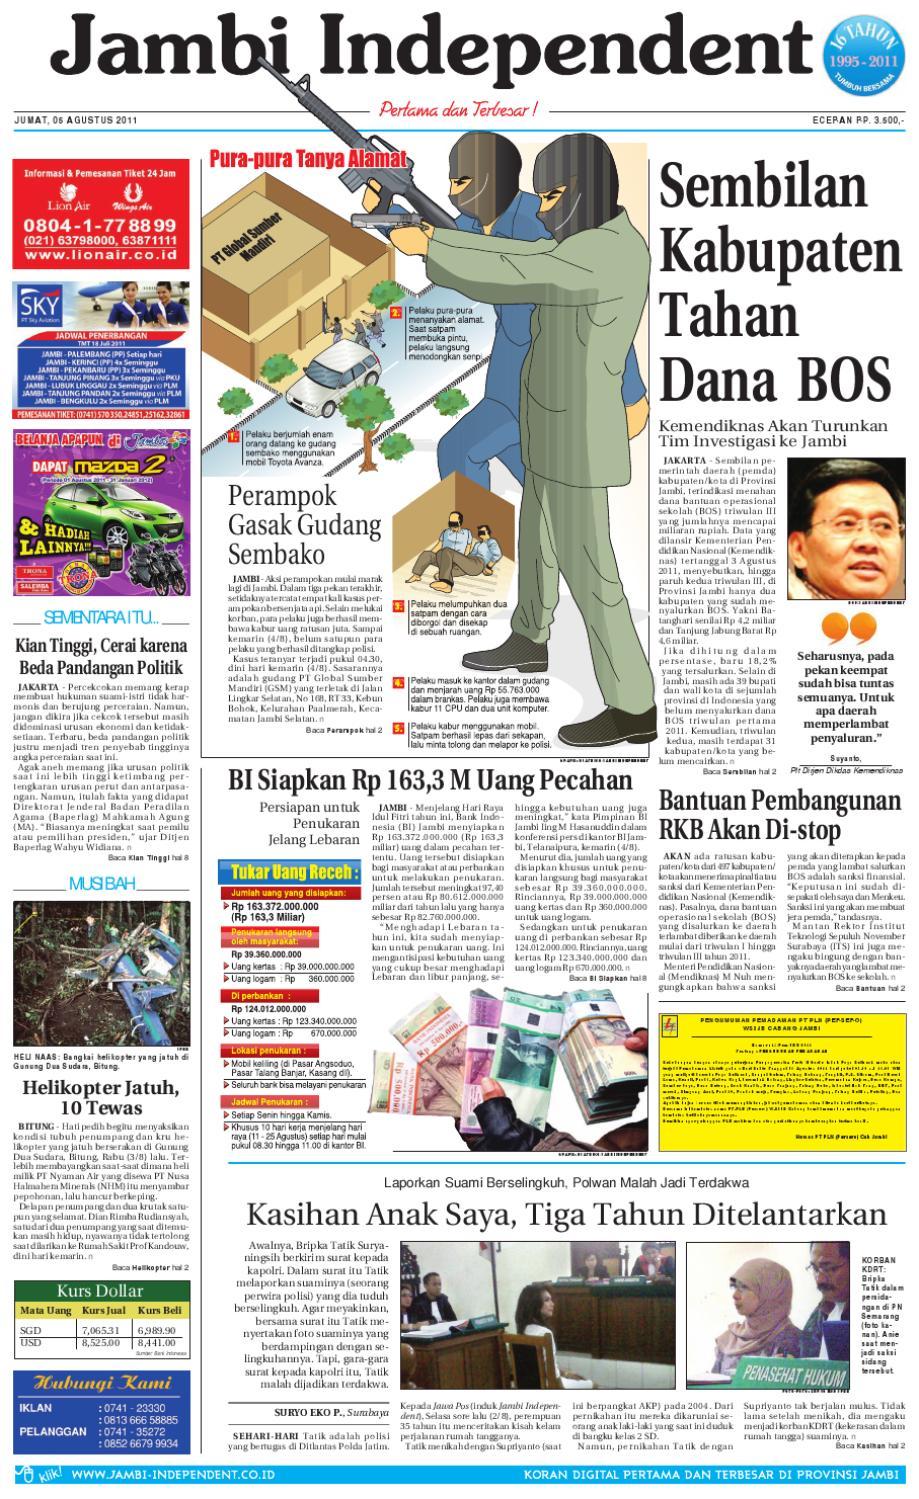 Jambi Independent 05 Agustus 2011 By Issuu Poduk Ukm Bumn Mr Kerbaw Keripik Bawang Bayam